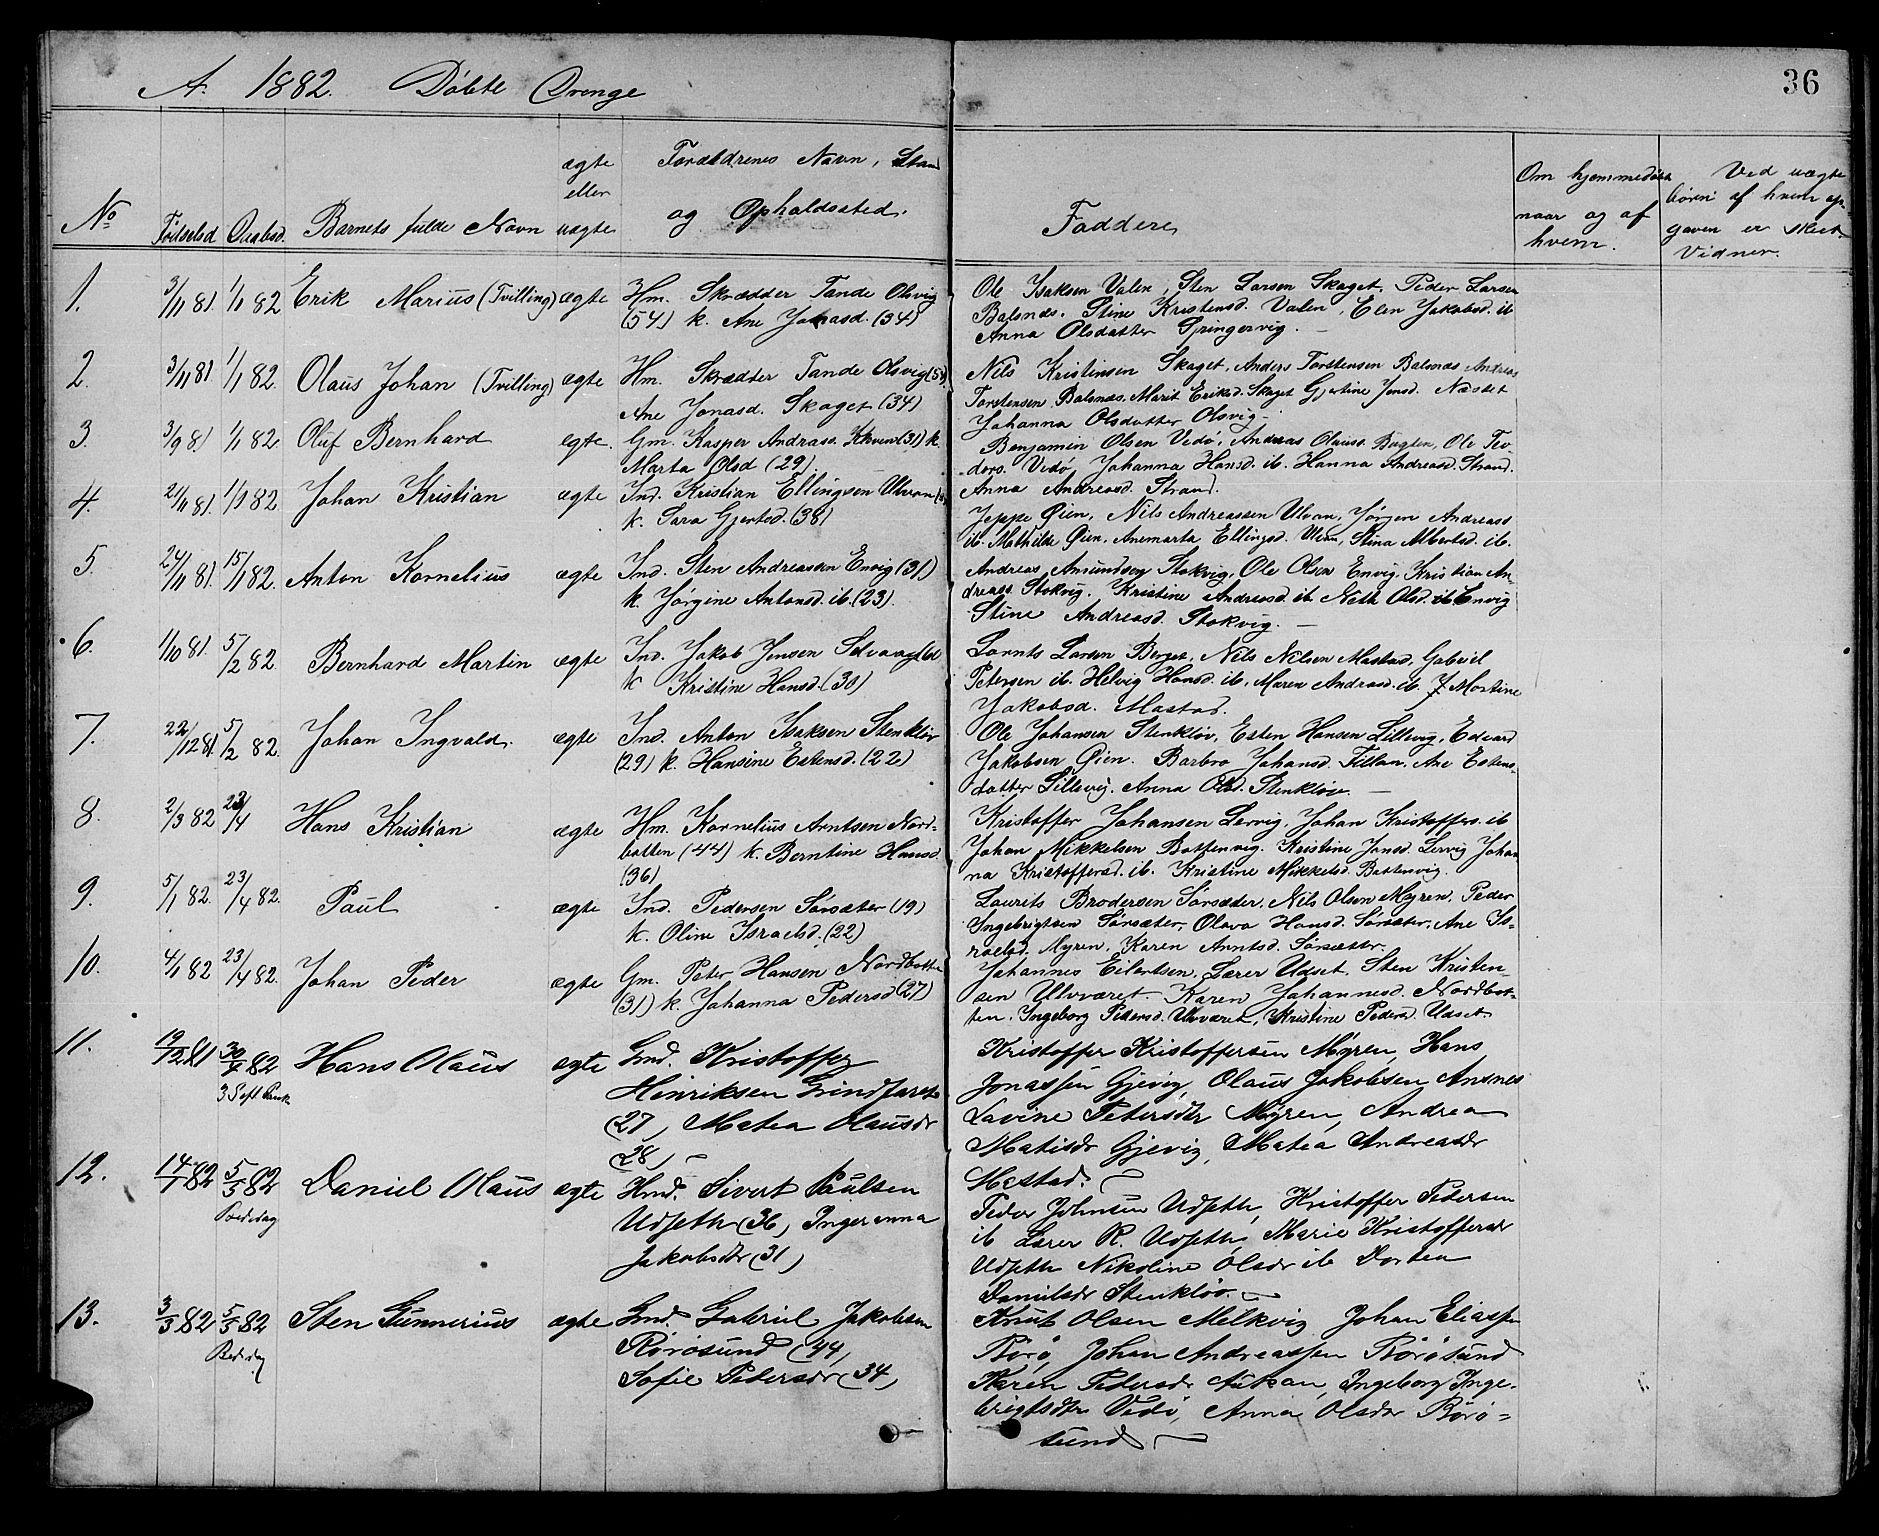 SAT, Ministerialprotokoller, klokkerbøker og fødselsregistre - Sør-Trøndelag, 637/L0561: Klokkerbok nr. 637C02, 1873-1882, s. 36